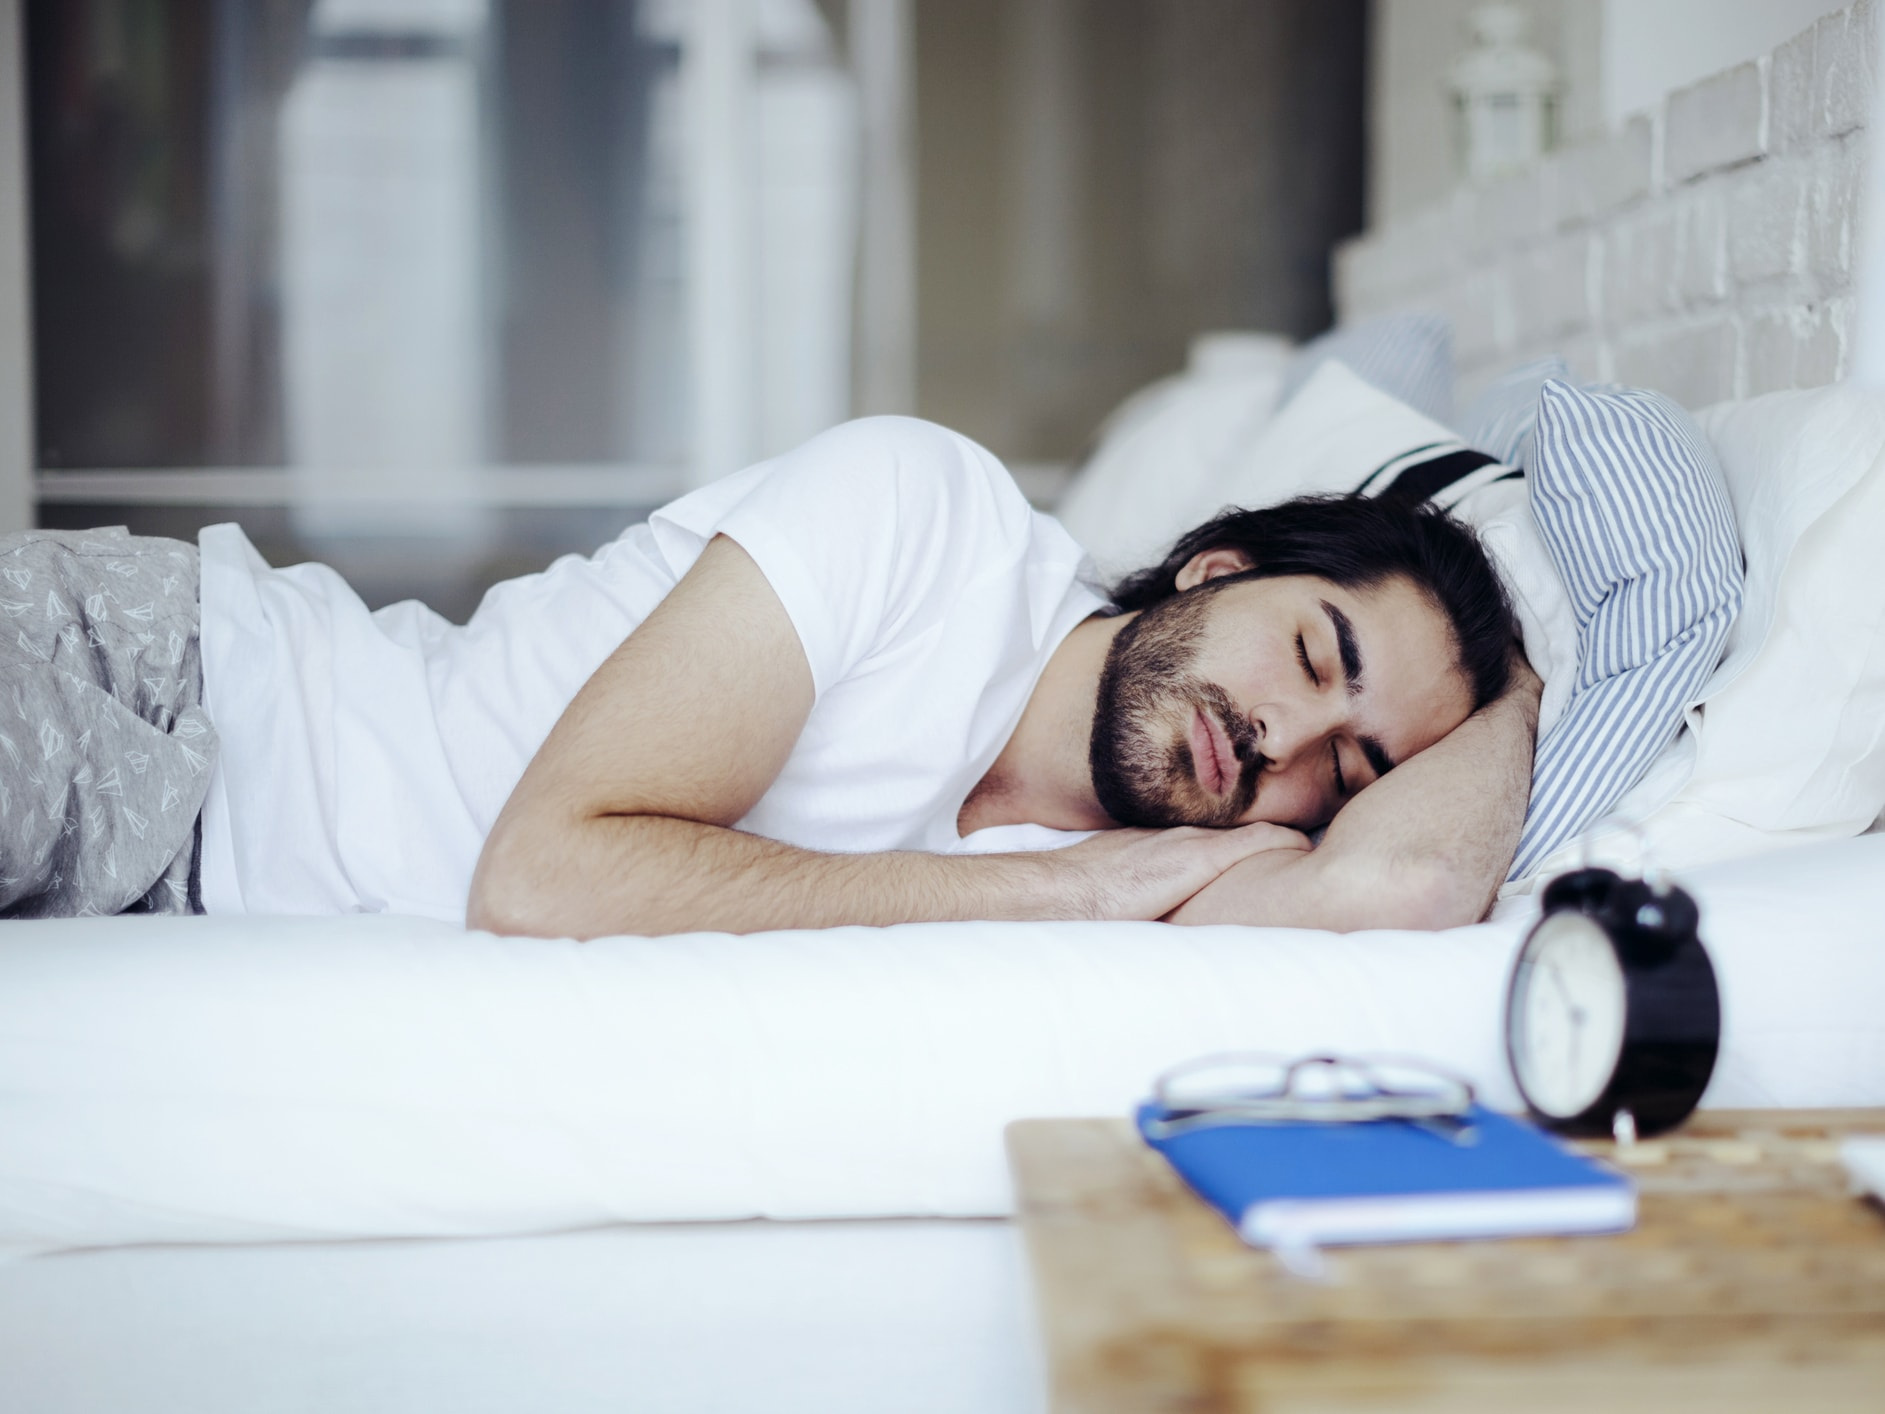 خواب ناکافی چه تاثیری بر احساسات دارد؟